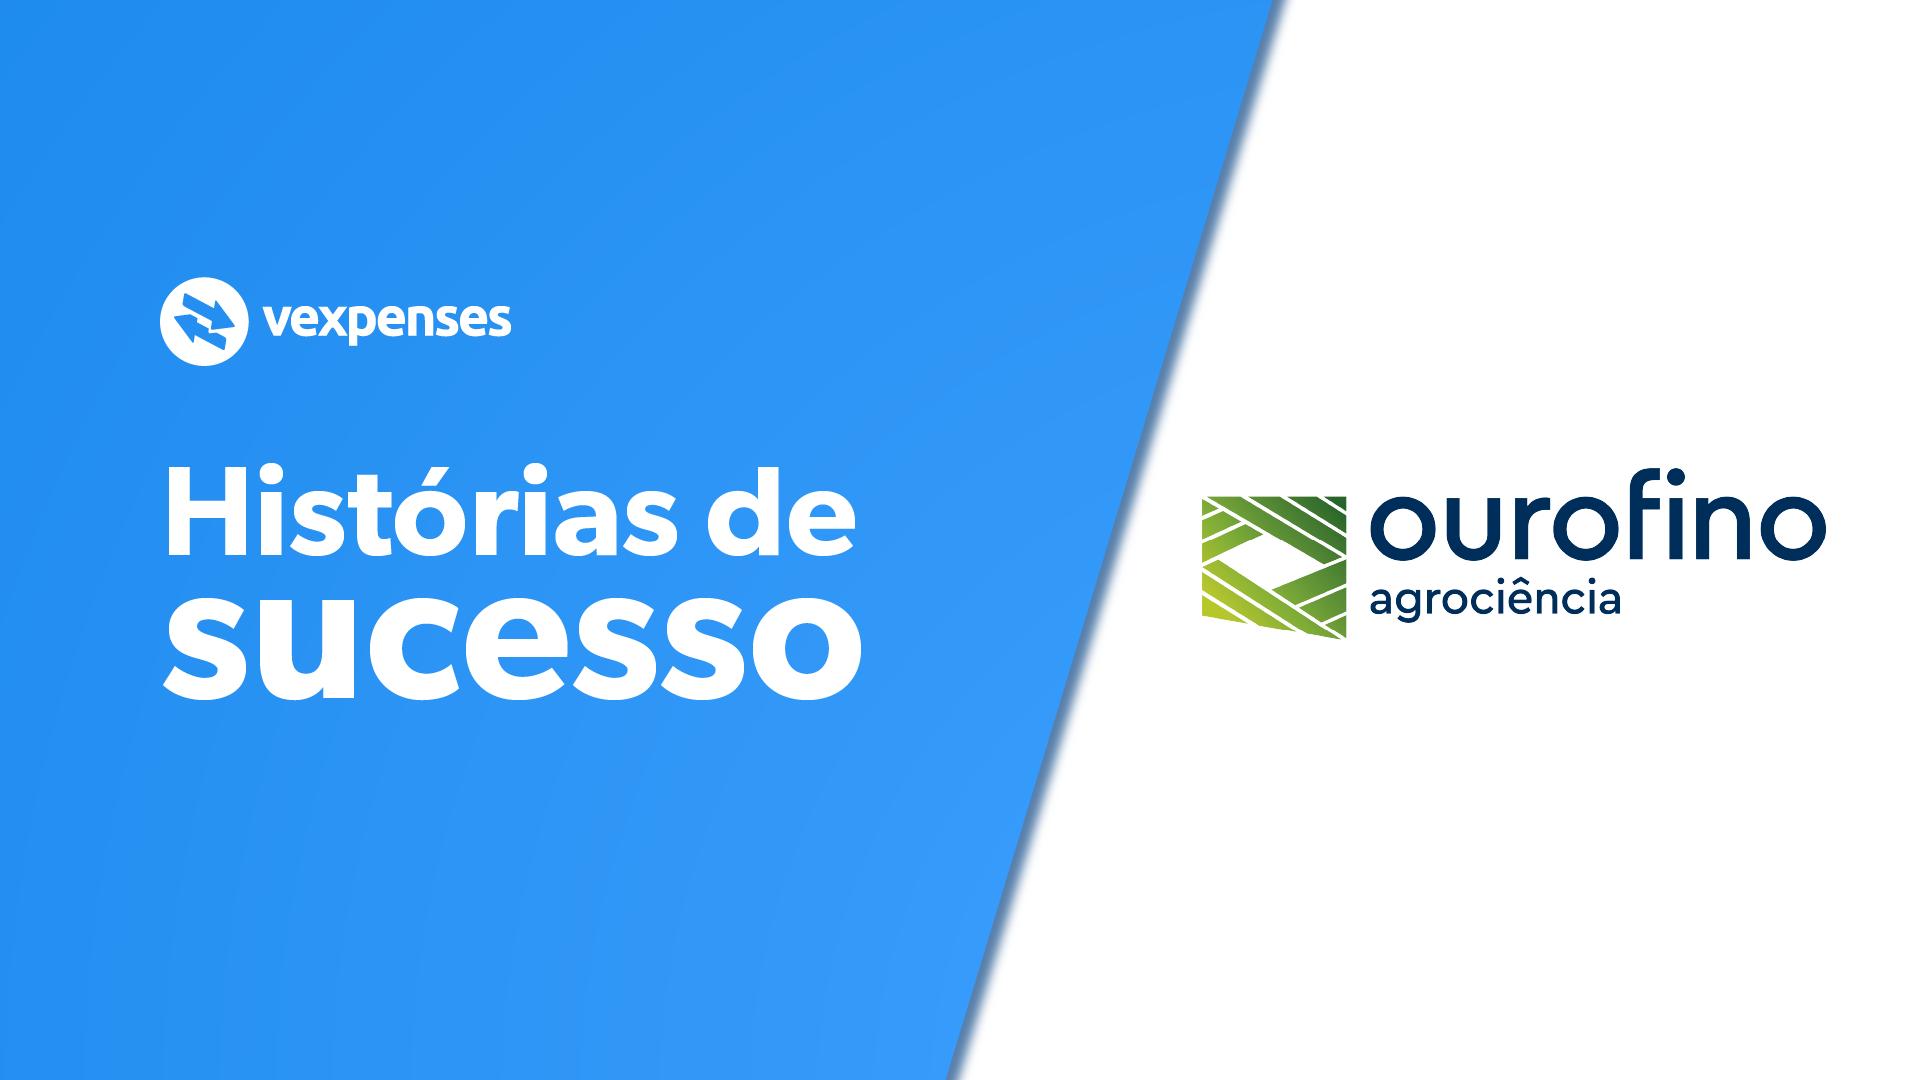 História de sucesso VExpenses Ourofino Agrociência